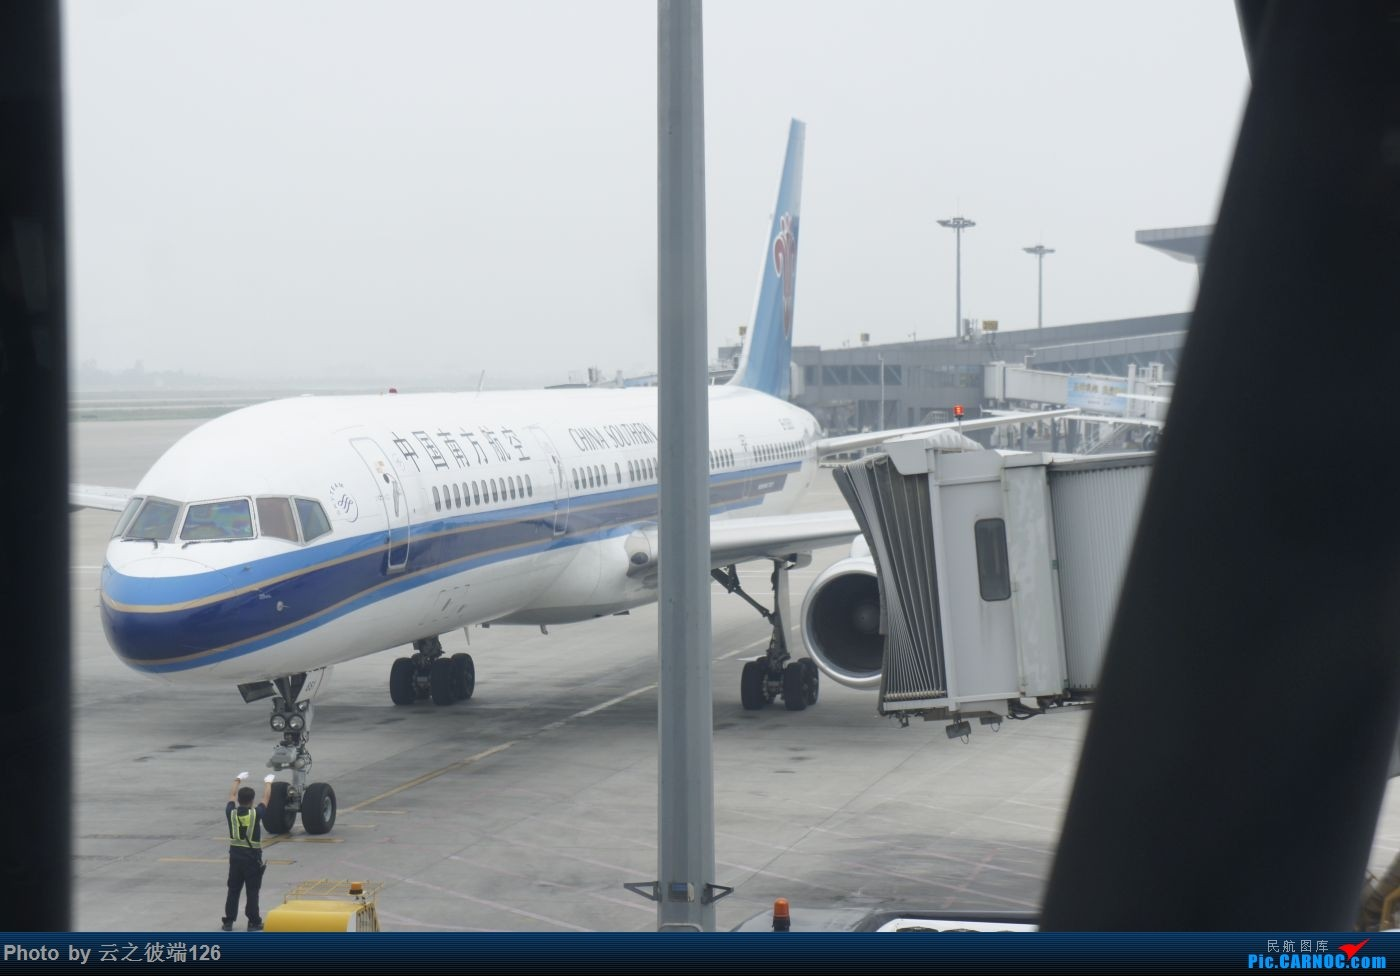 Re:[原创]---步入中原,时隔三年意外遇见你 NKG-XIY-HFE--- BOEING 757-200 B-2851 中国西安咸阳国际机场